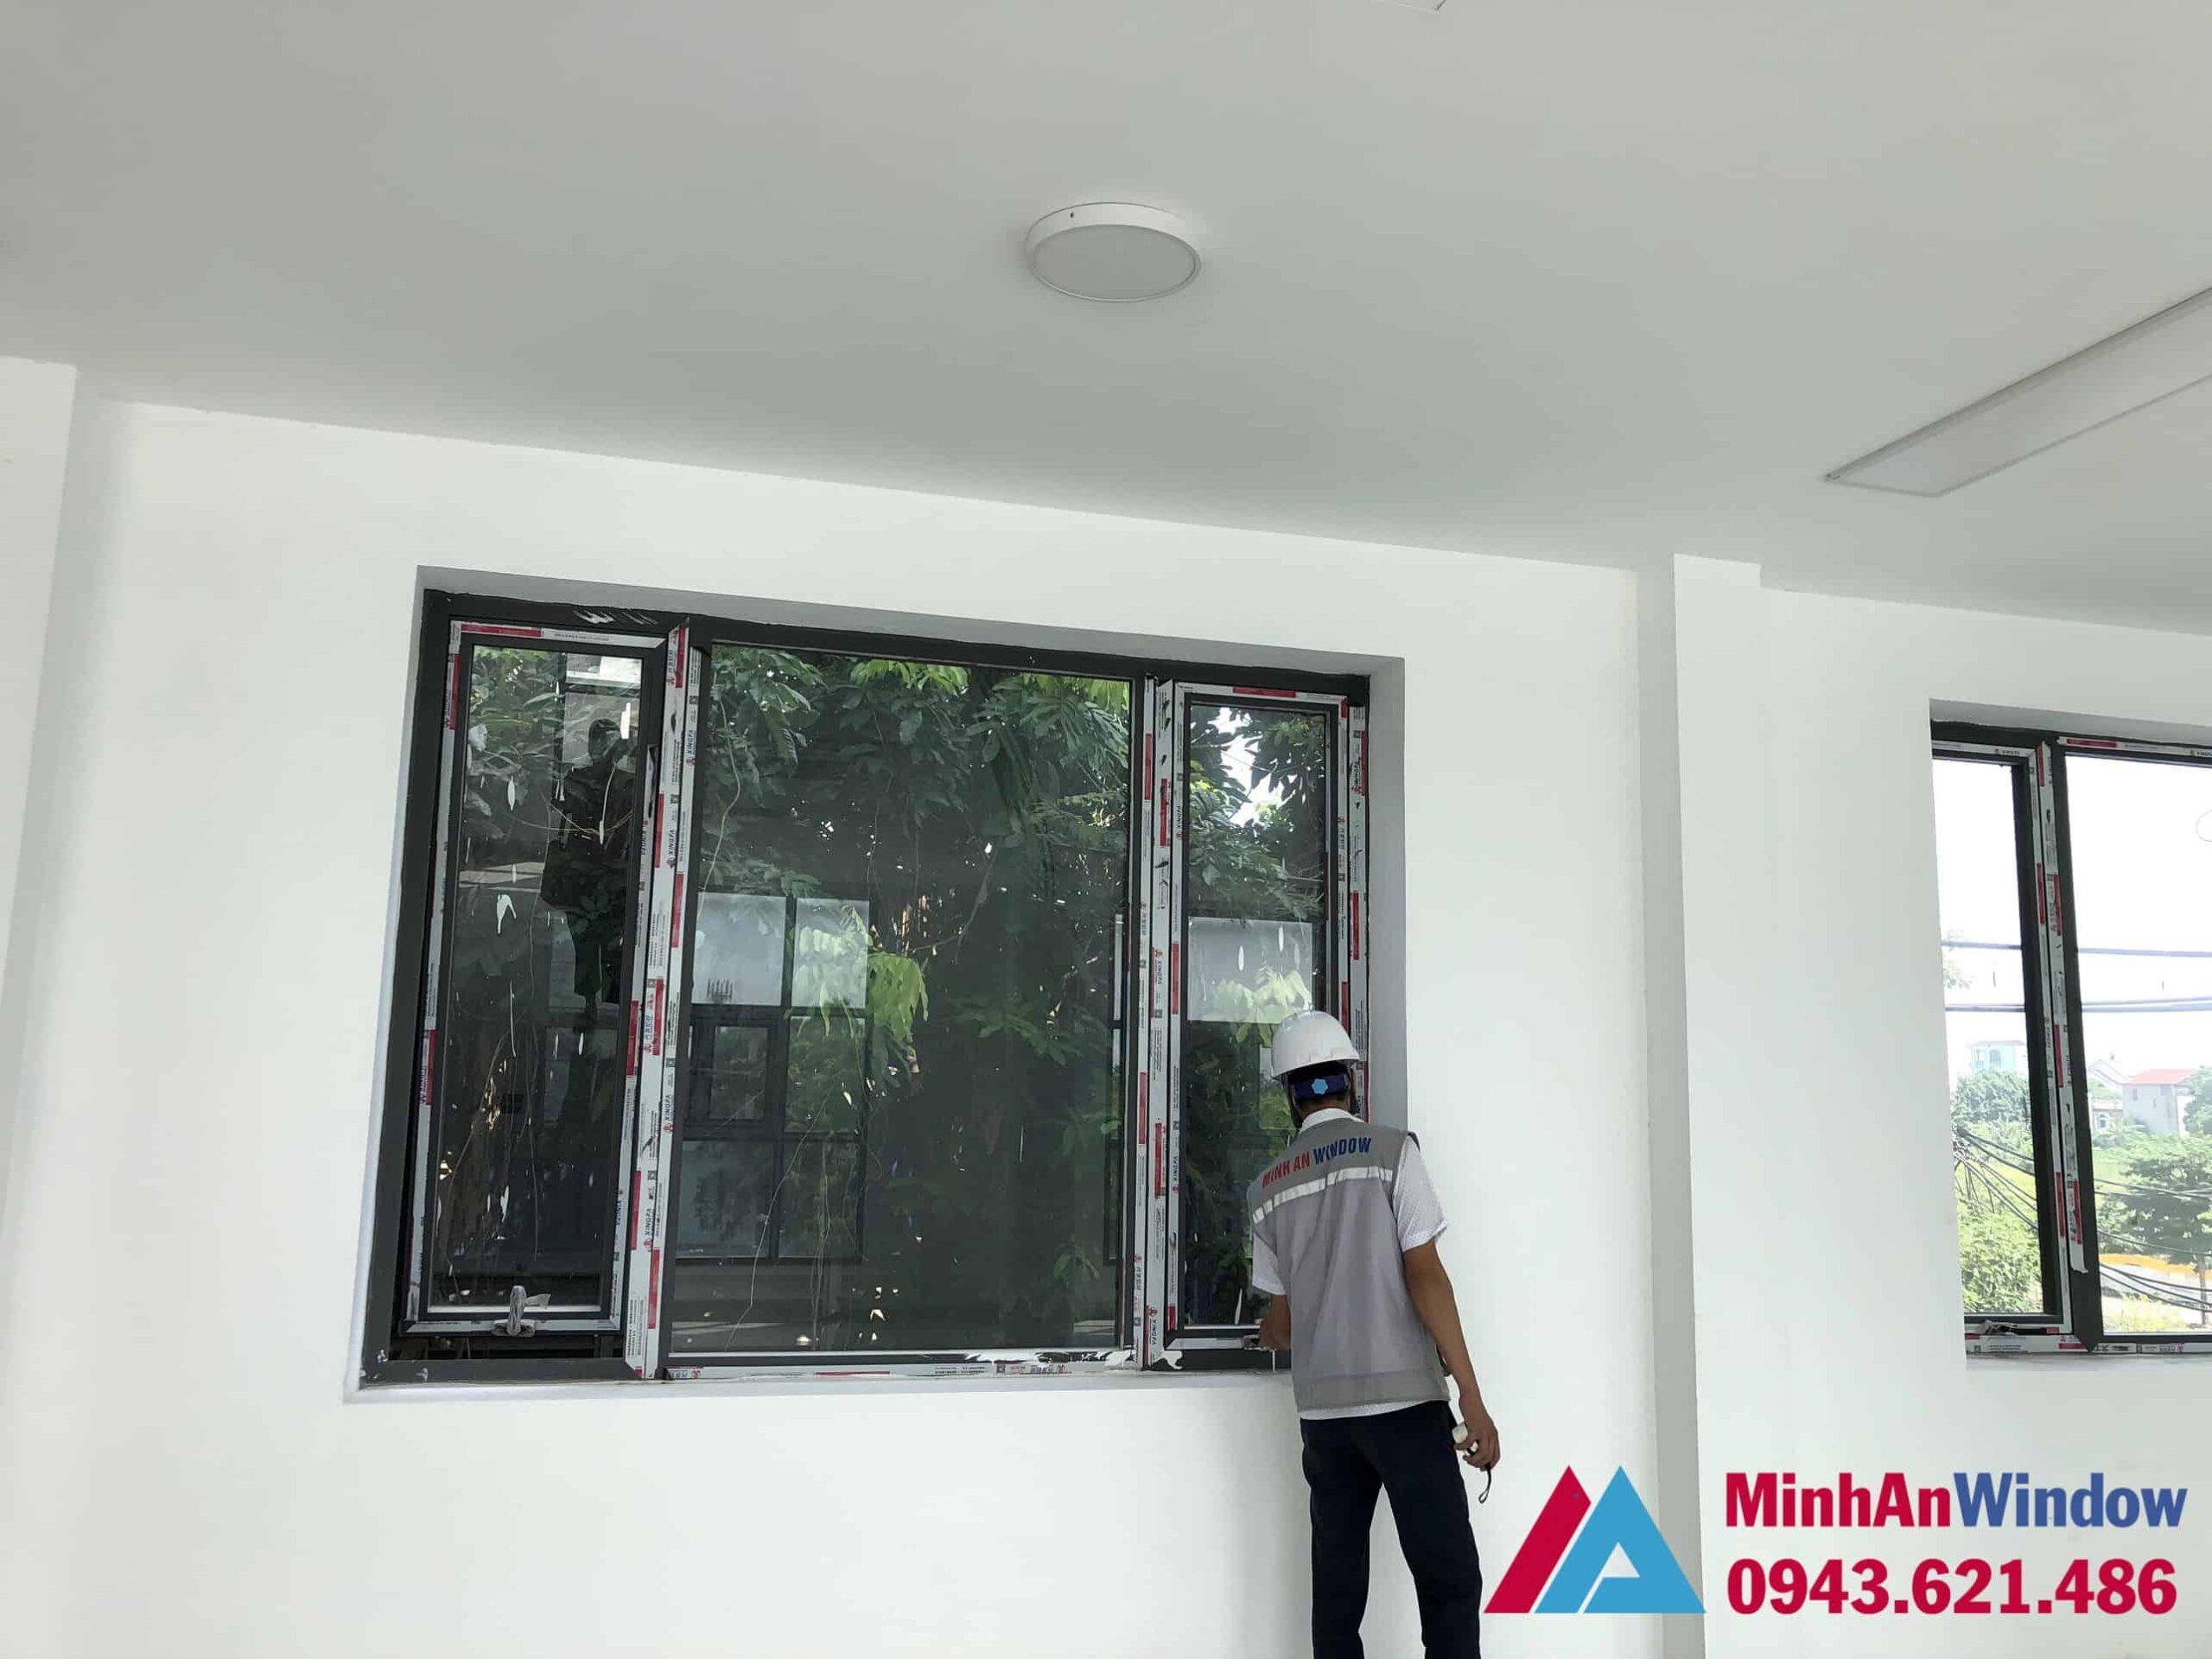 Mẫu cửa sổ nhôm kính tại KCN Thạch Thất - Hà Nội do Minh An Window lắp đặt